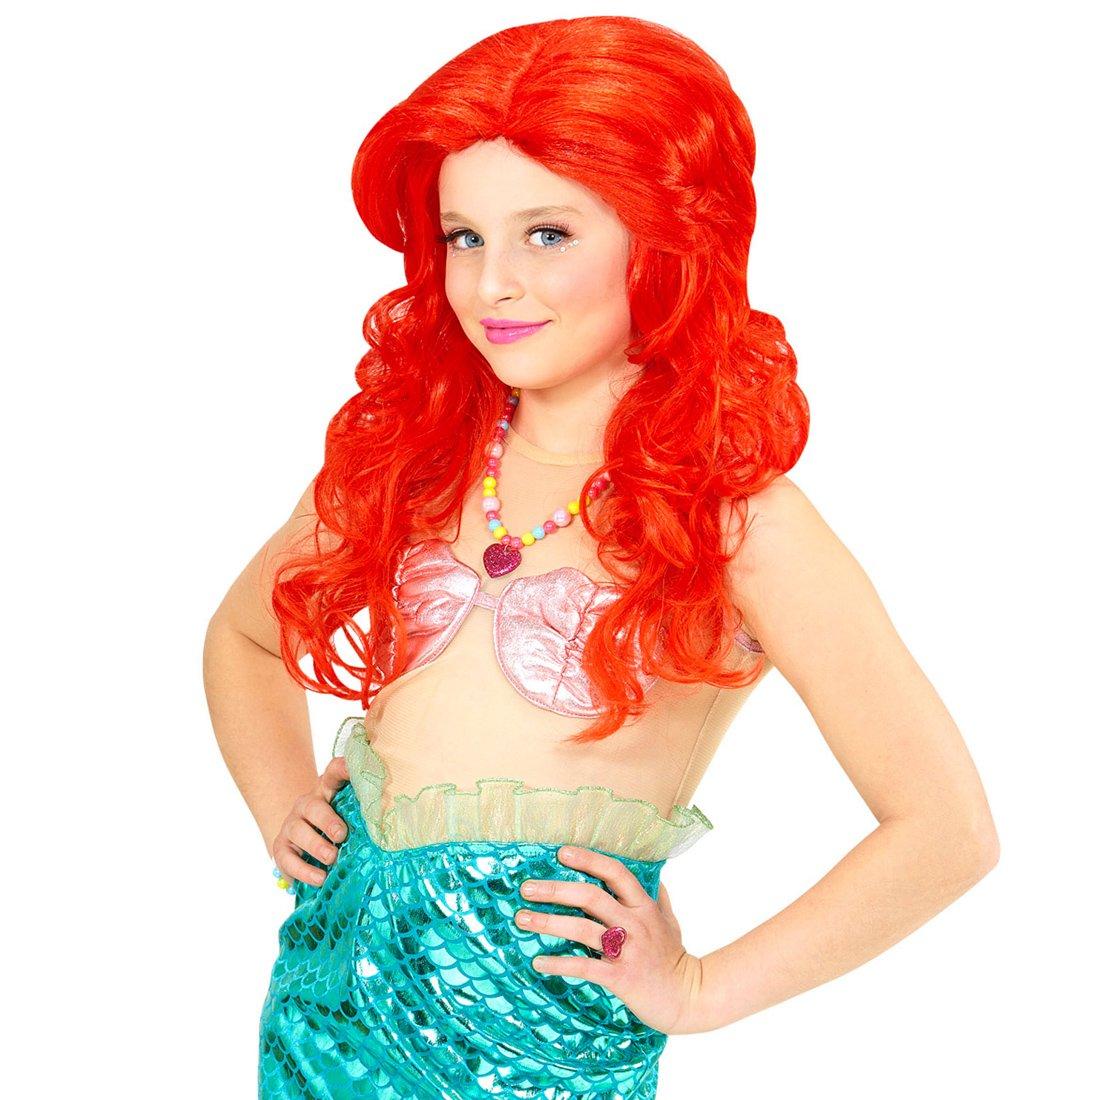 Amakando Peluca Larga Sirena | Peluca Infantil Peliroja | Cabello de Princesa | Pelo Rojo Carnaval: Amazon.es: Juguetes y juegos